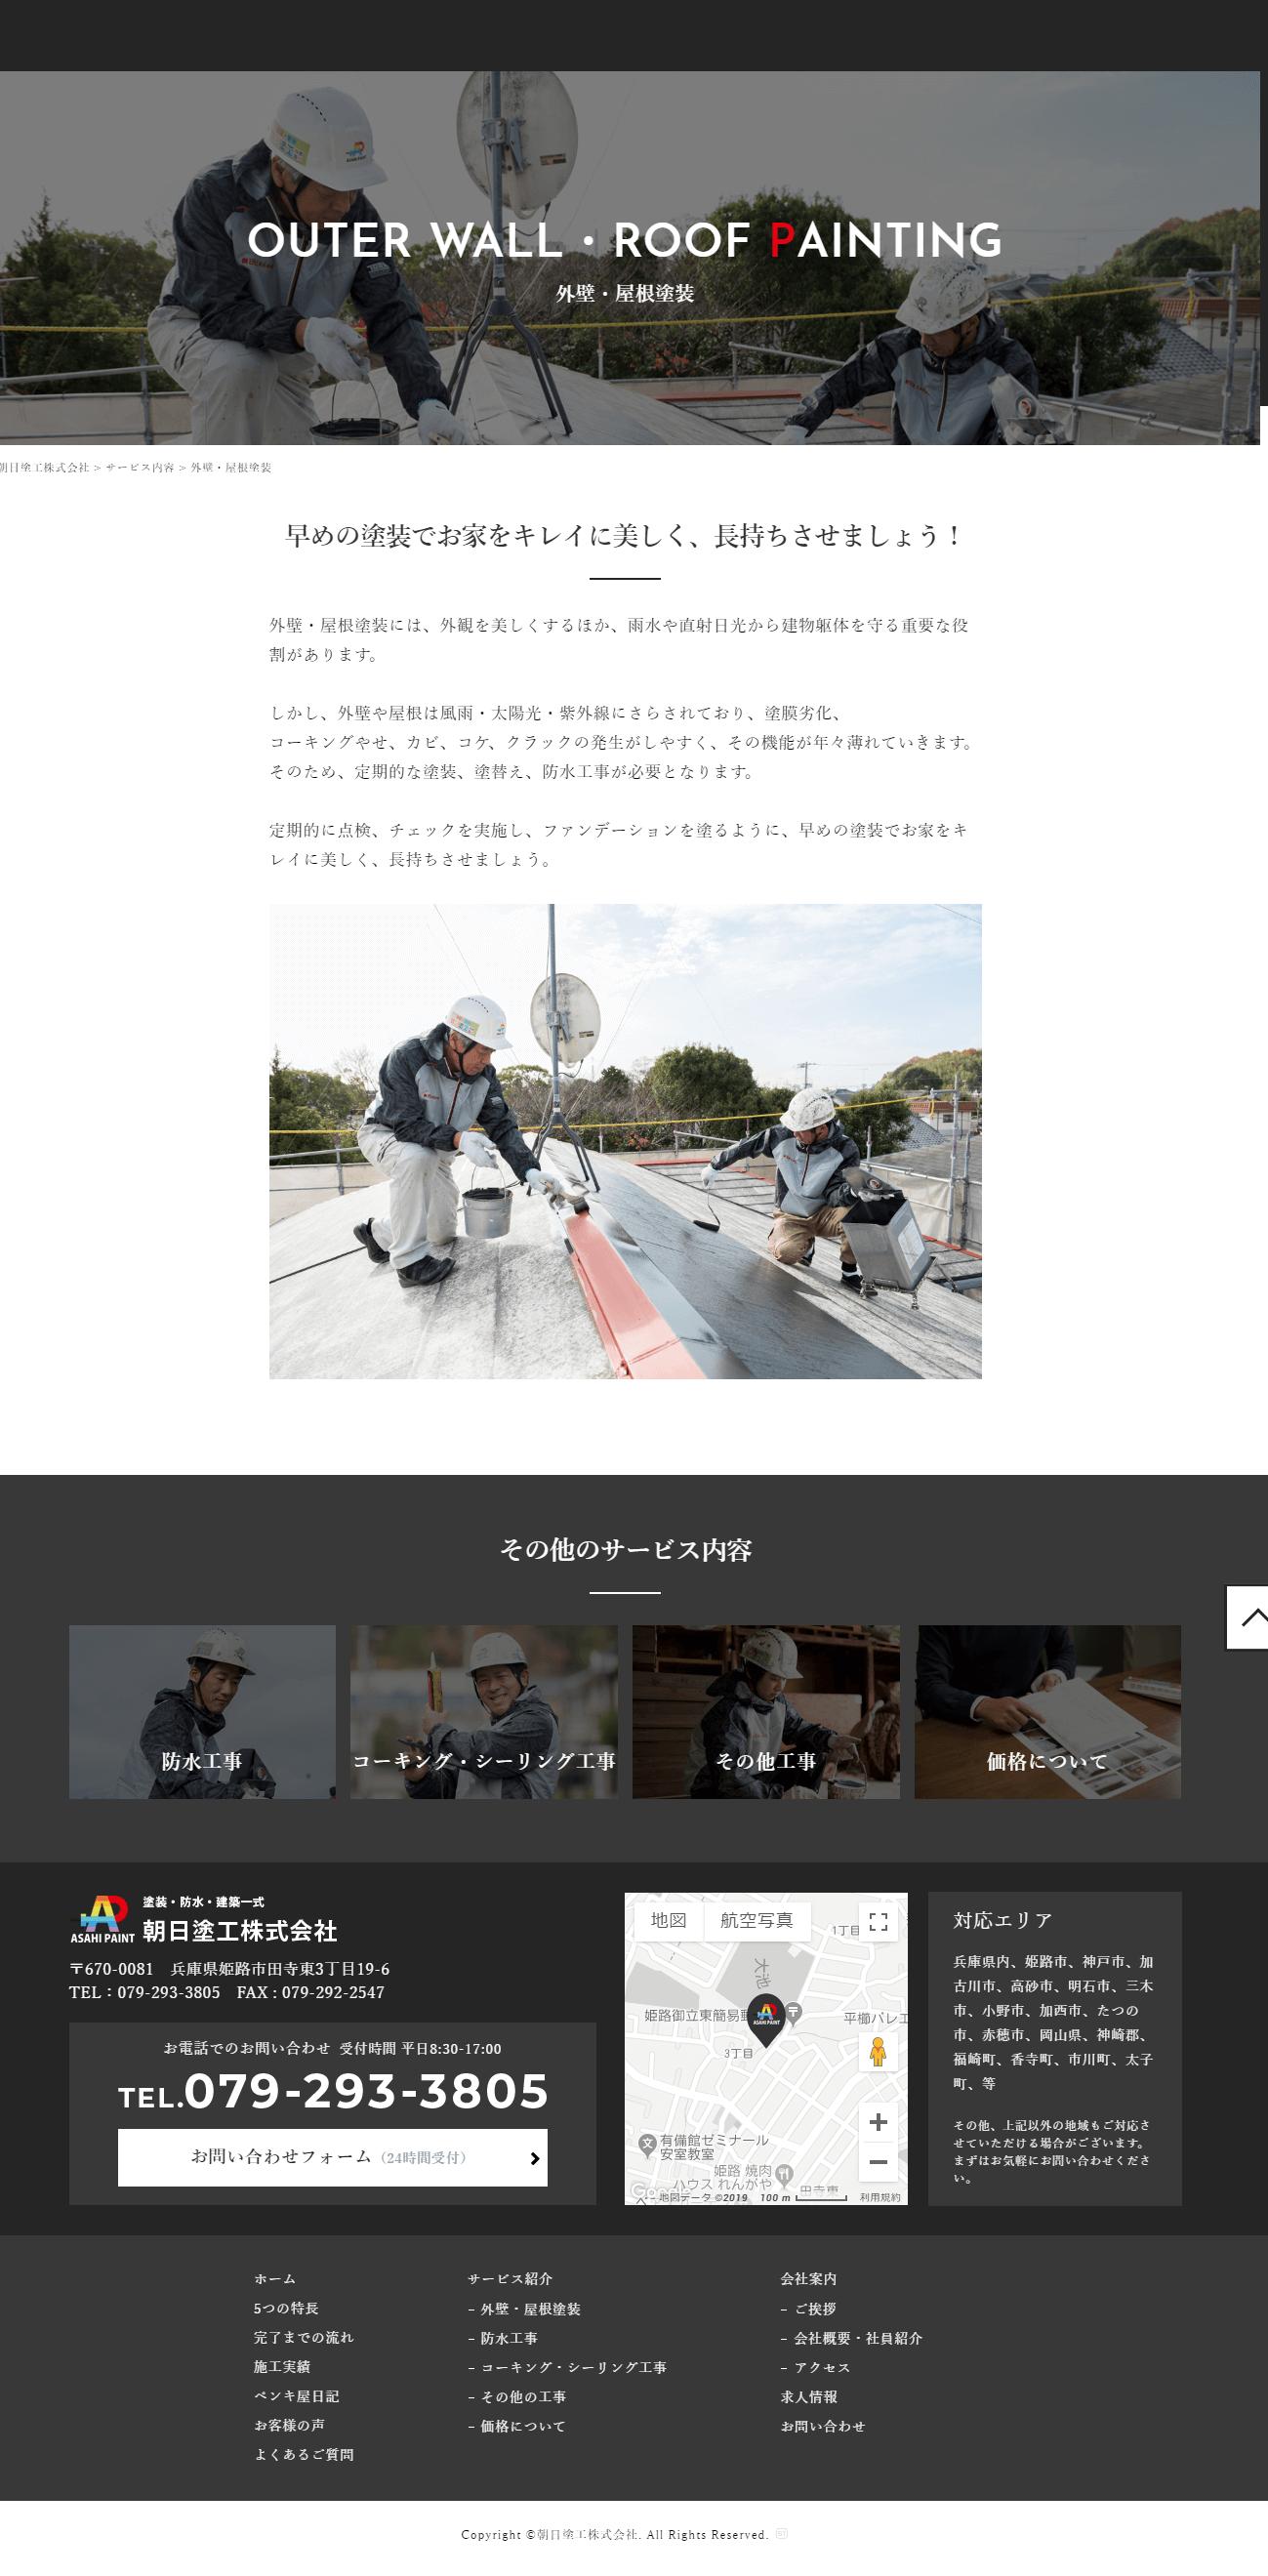 姫路市 朝日塗工株式会社 ホームページ制作2